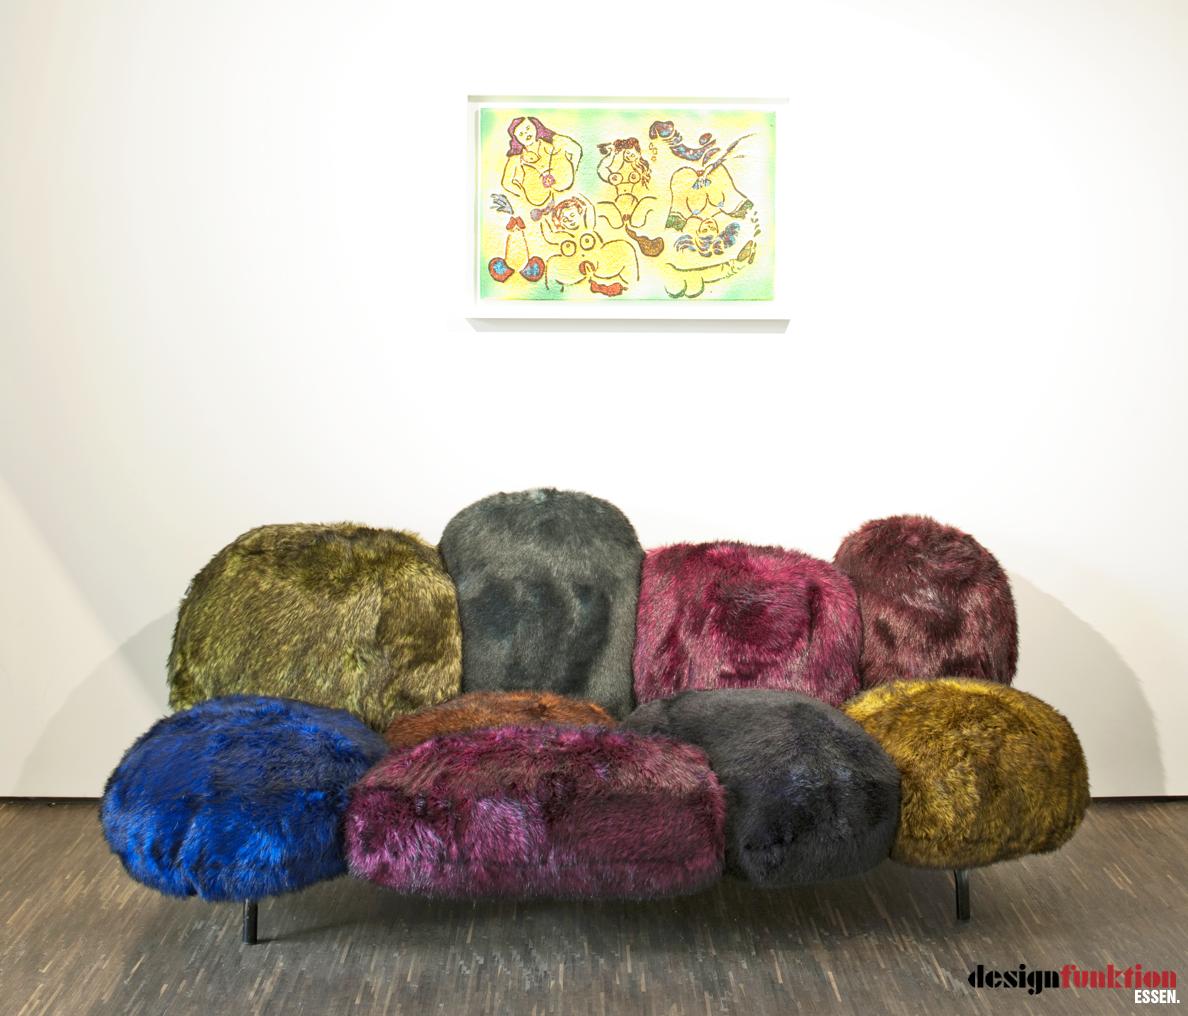 me collectors room berlin designfunktion essen. Black Bedroom Furniture Sets. Home Design Ideas